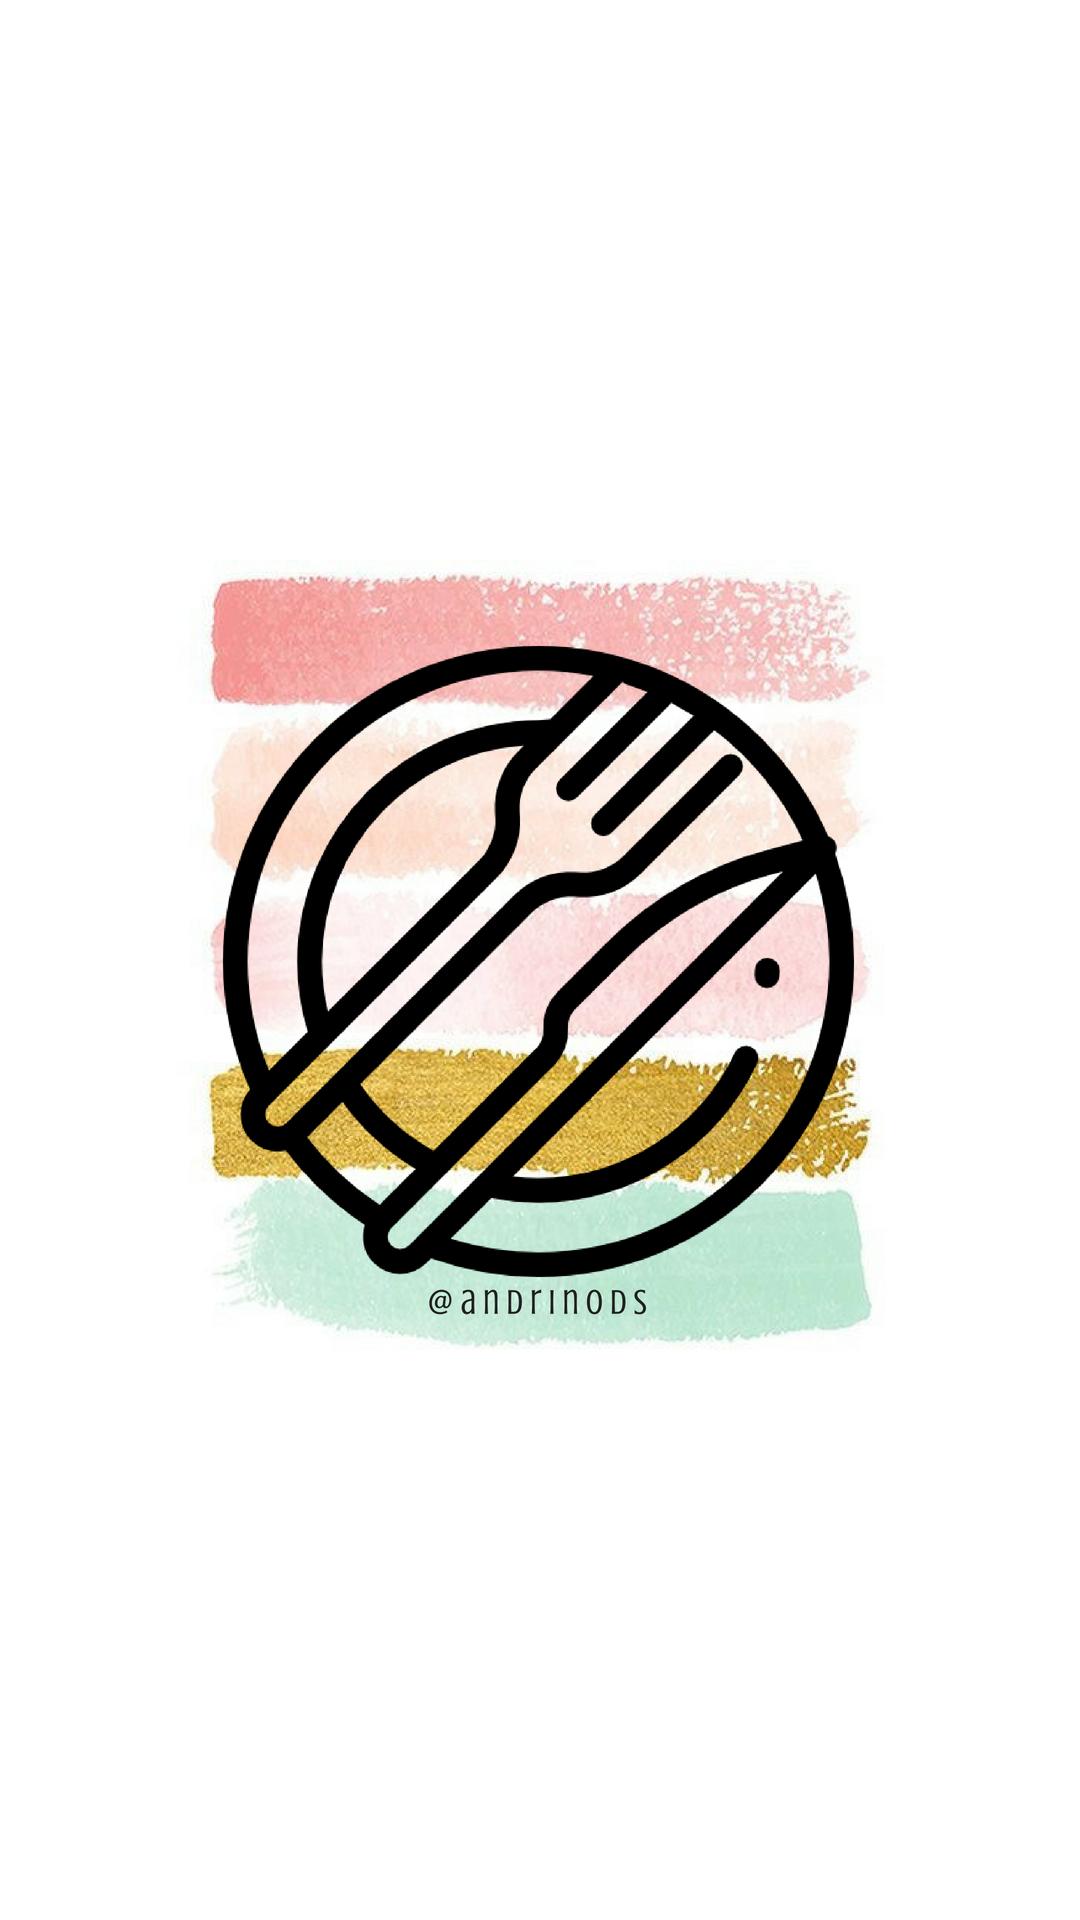 Idea de Steph andrinods en Instagram Highlight Covers